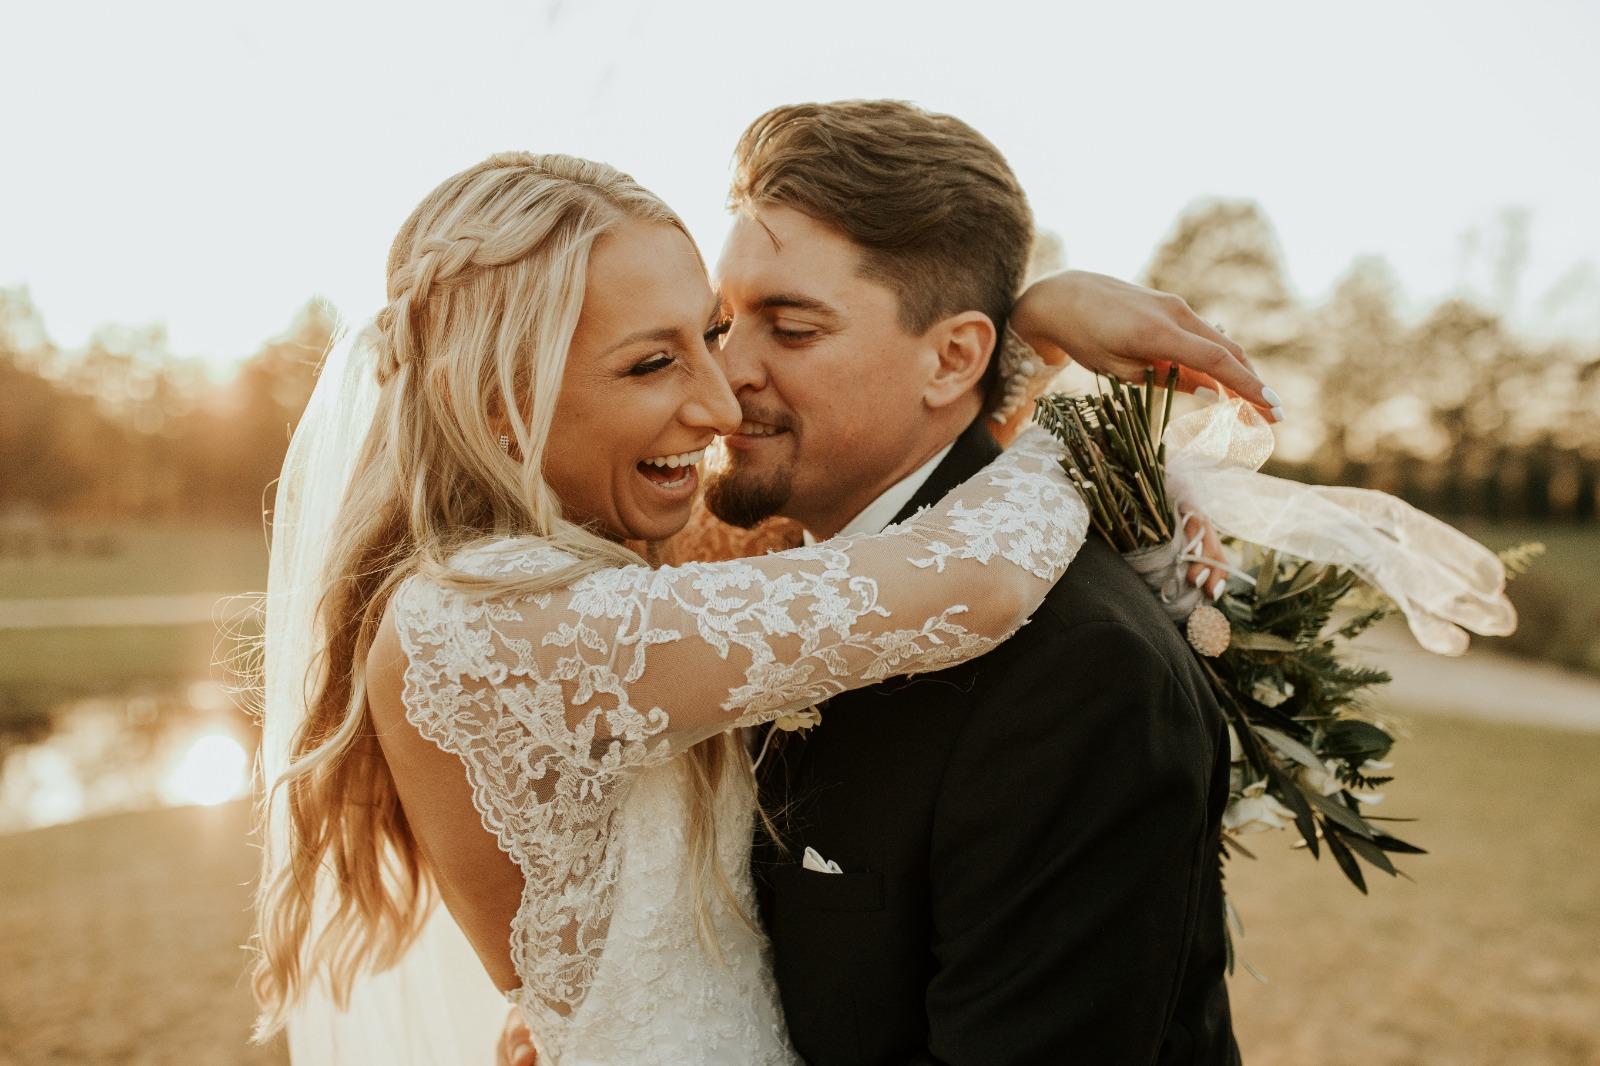 photographie couple le jour du mariage